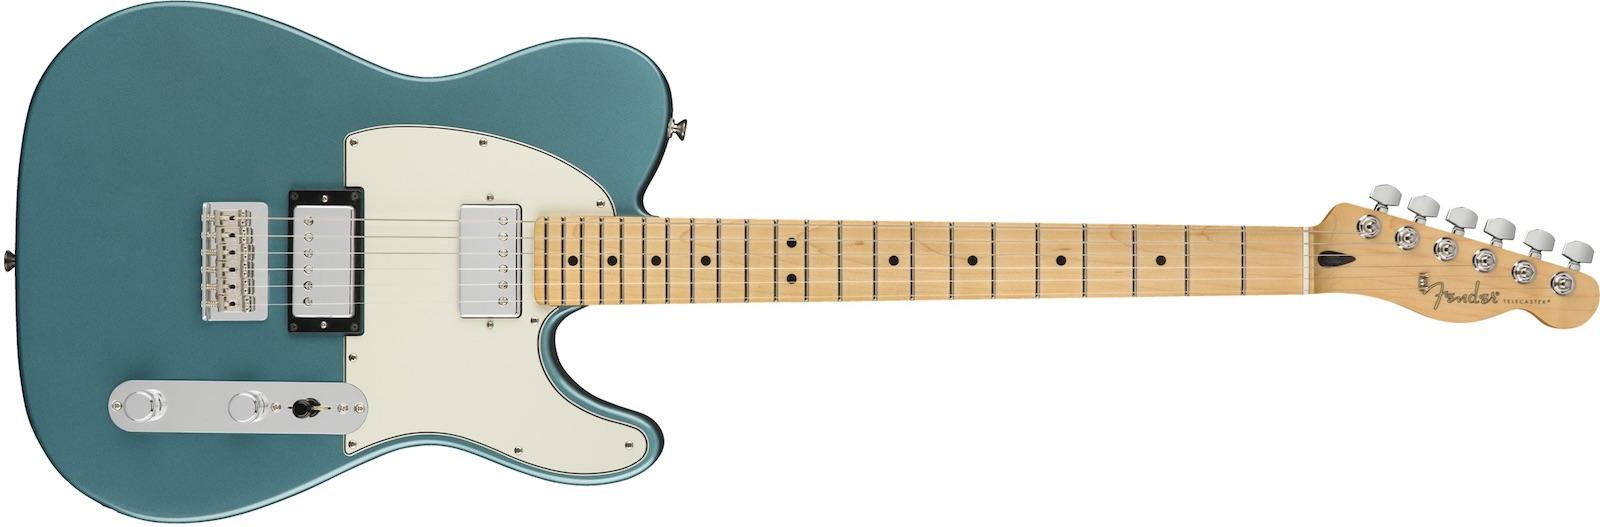 【新品】Fender Player Telecaster HH Maple Fingerboard ~Tidepool~ 【お取り寄せ】【送料無料】【池袋店】